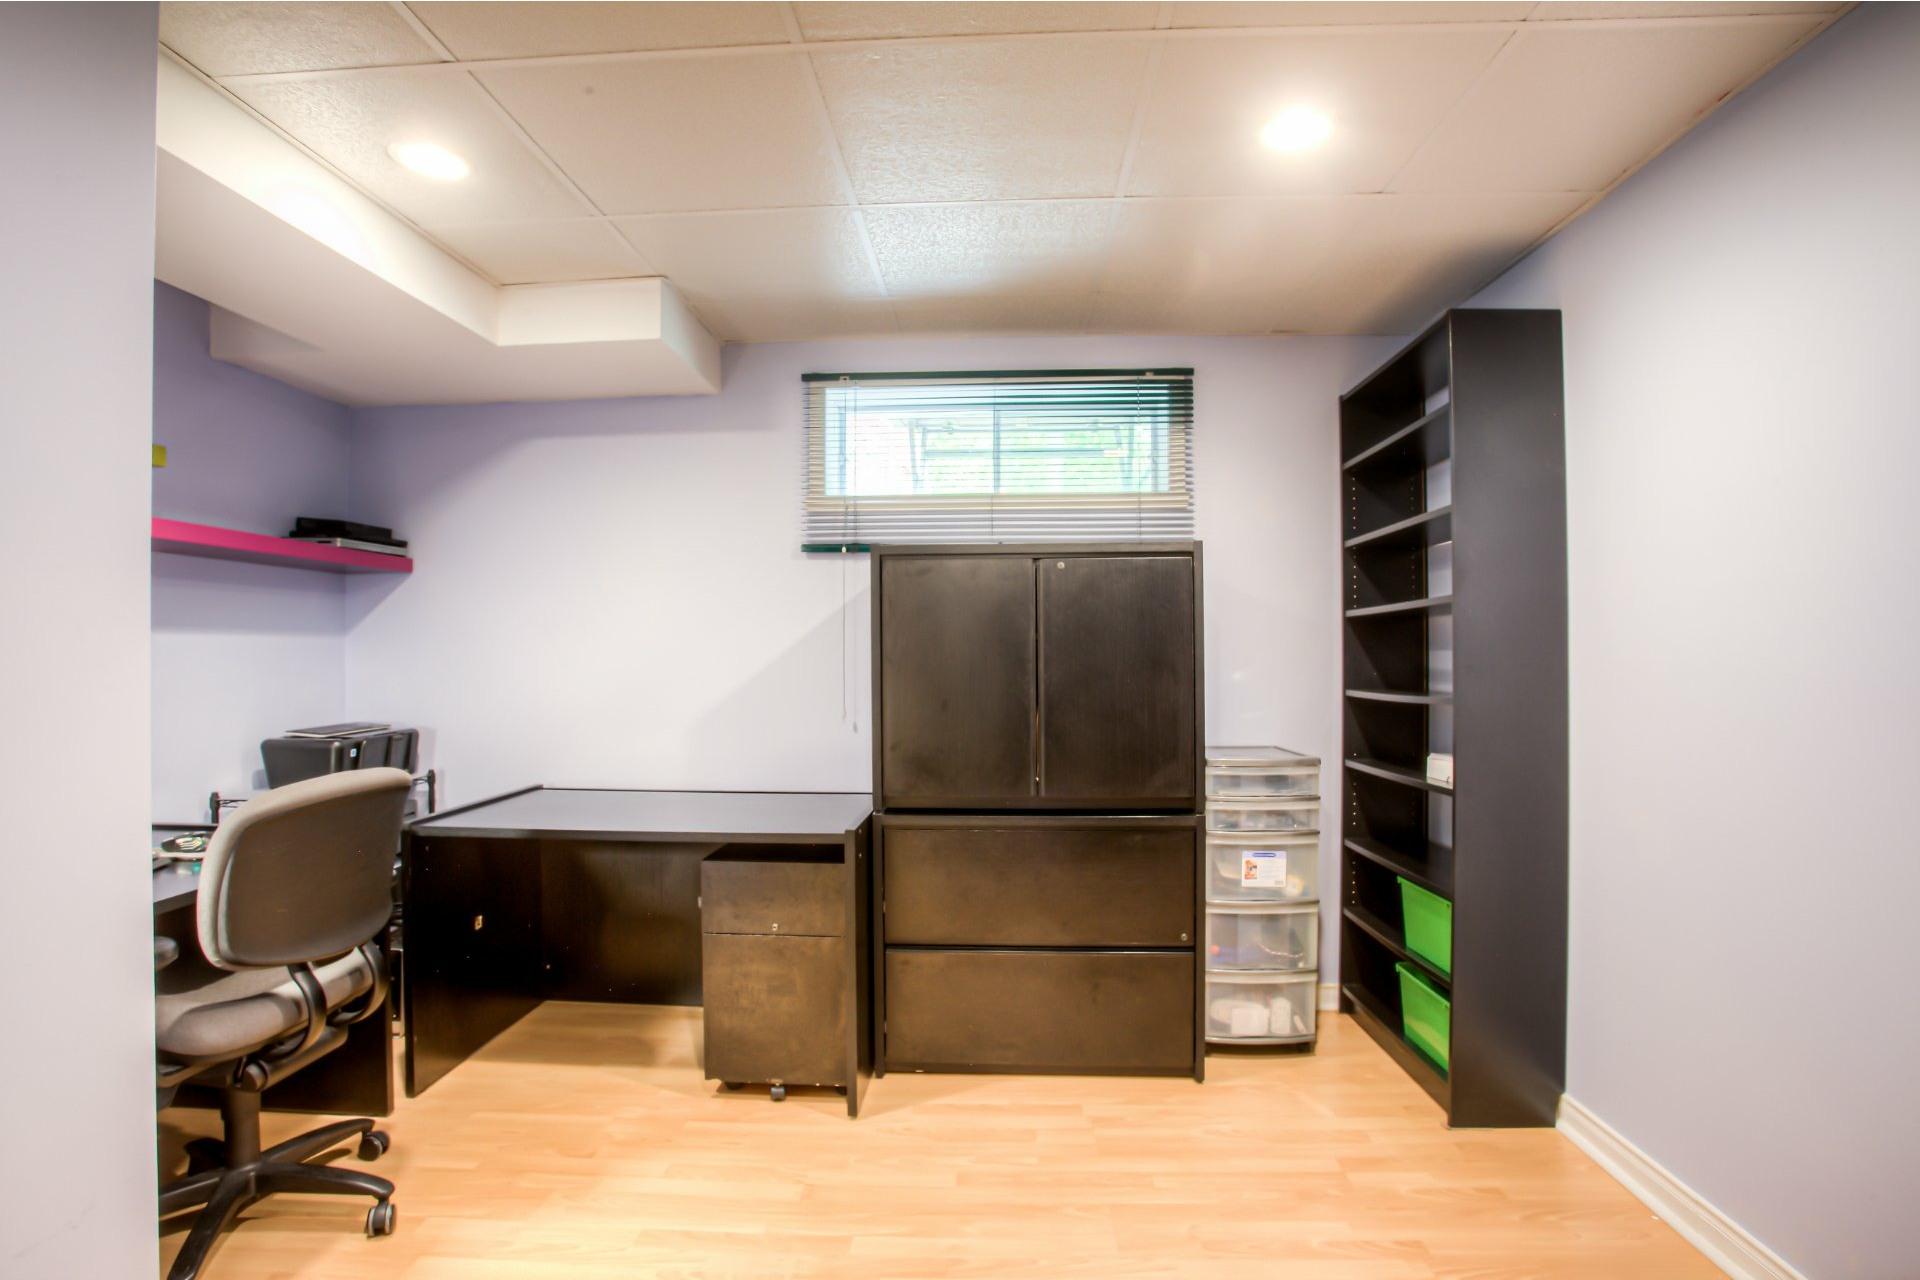 image 24 - Maison À vendre Pierrefonds-Roxboro Montréal  - 11 pièces